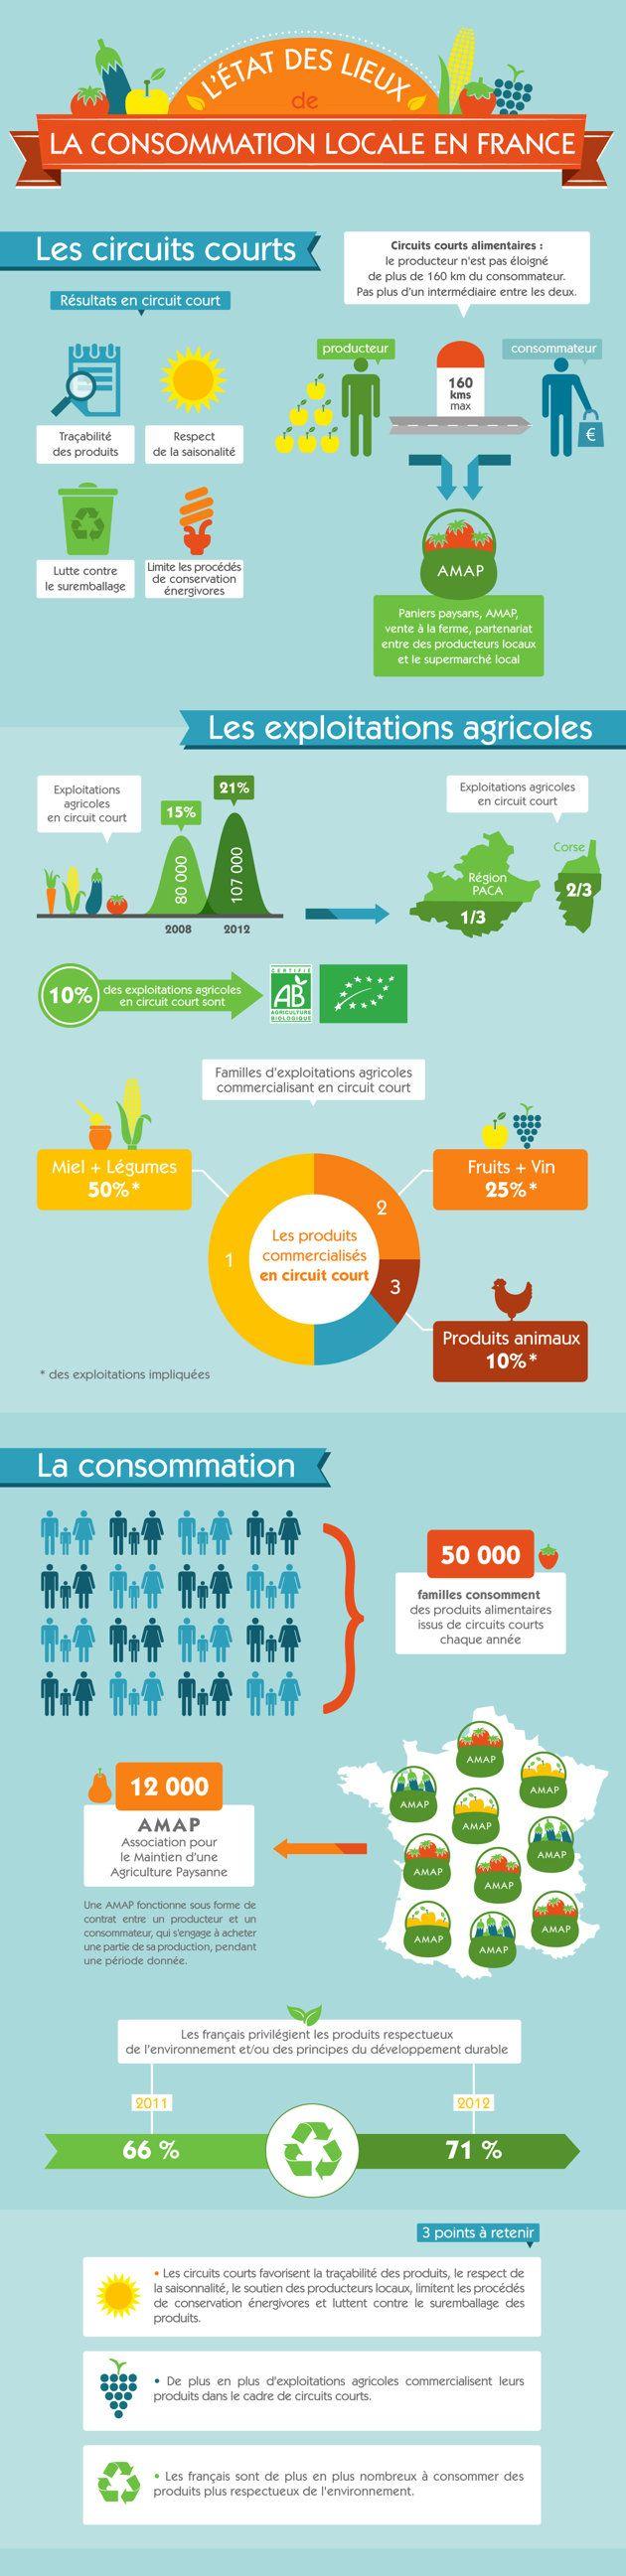 Etat des lieux de la consommation locale en France